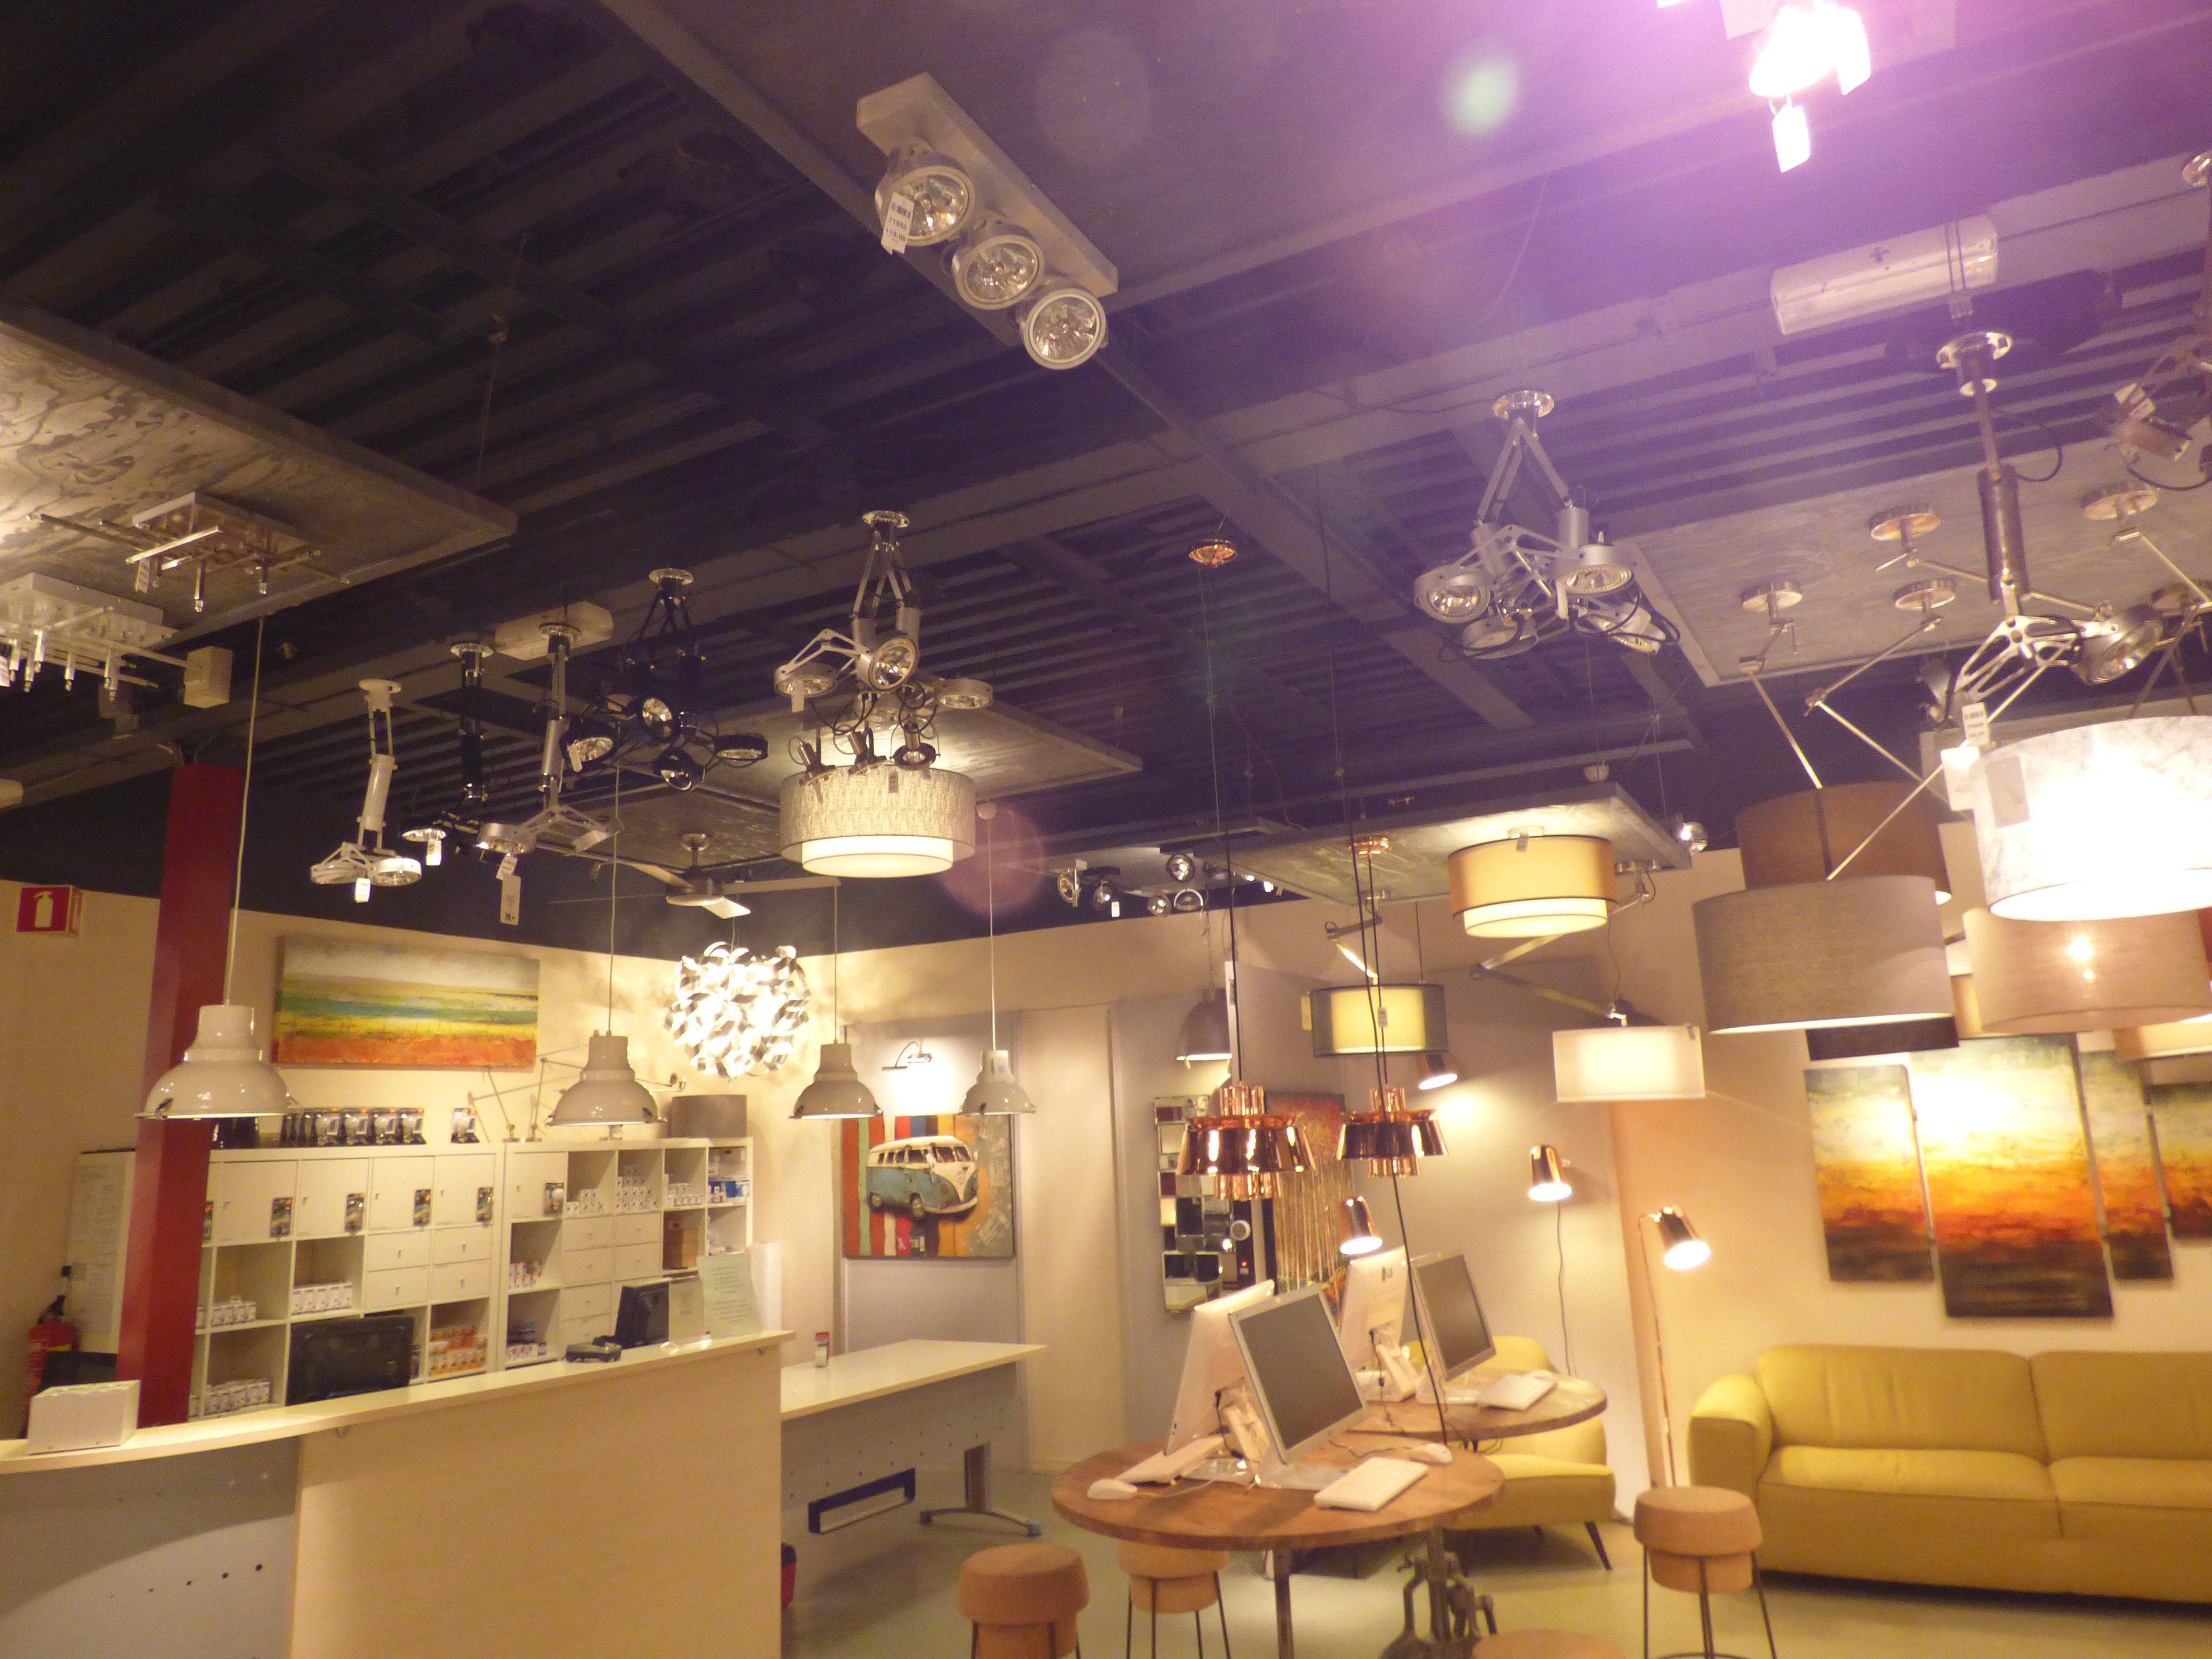 Spots . Plafondlamp en hanglampen . Voor woonkamer , keuken ...